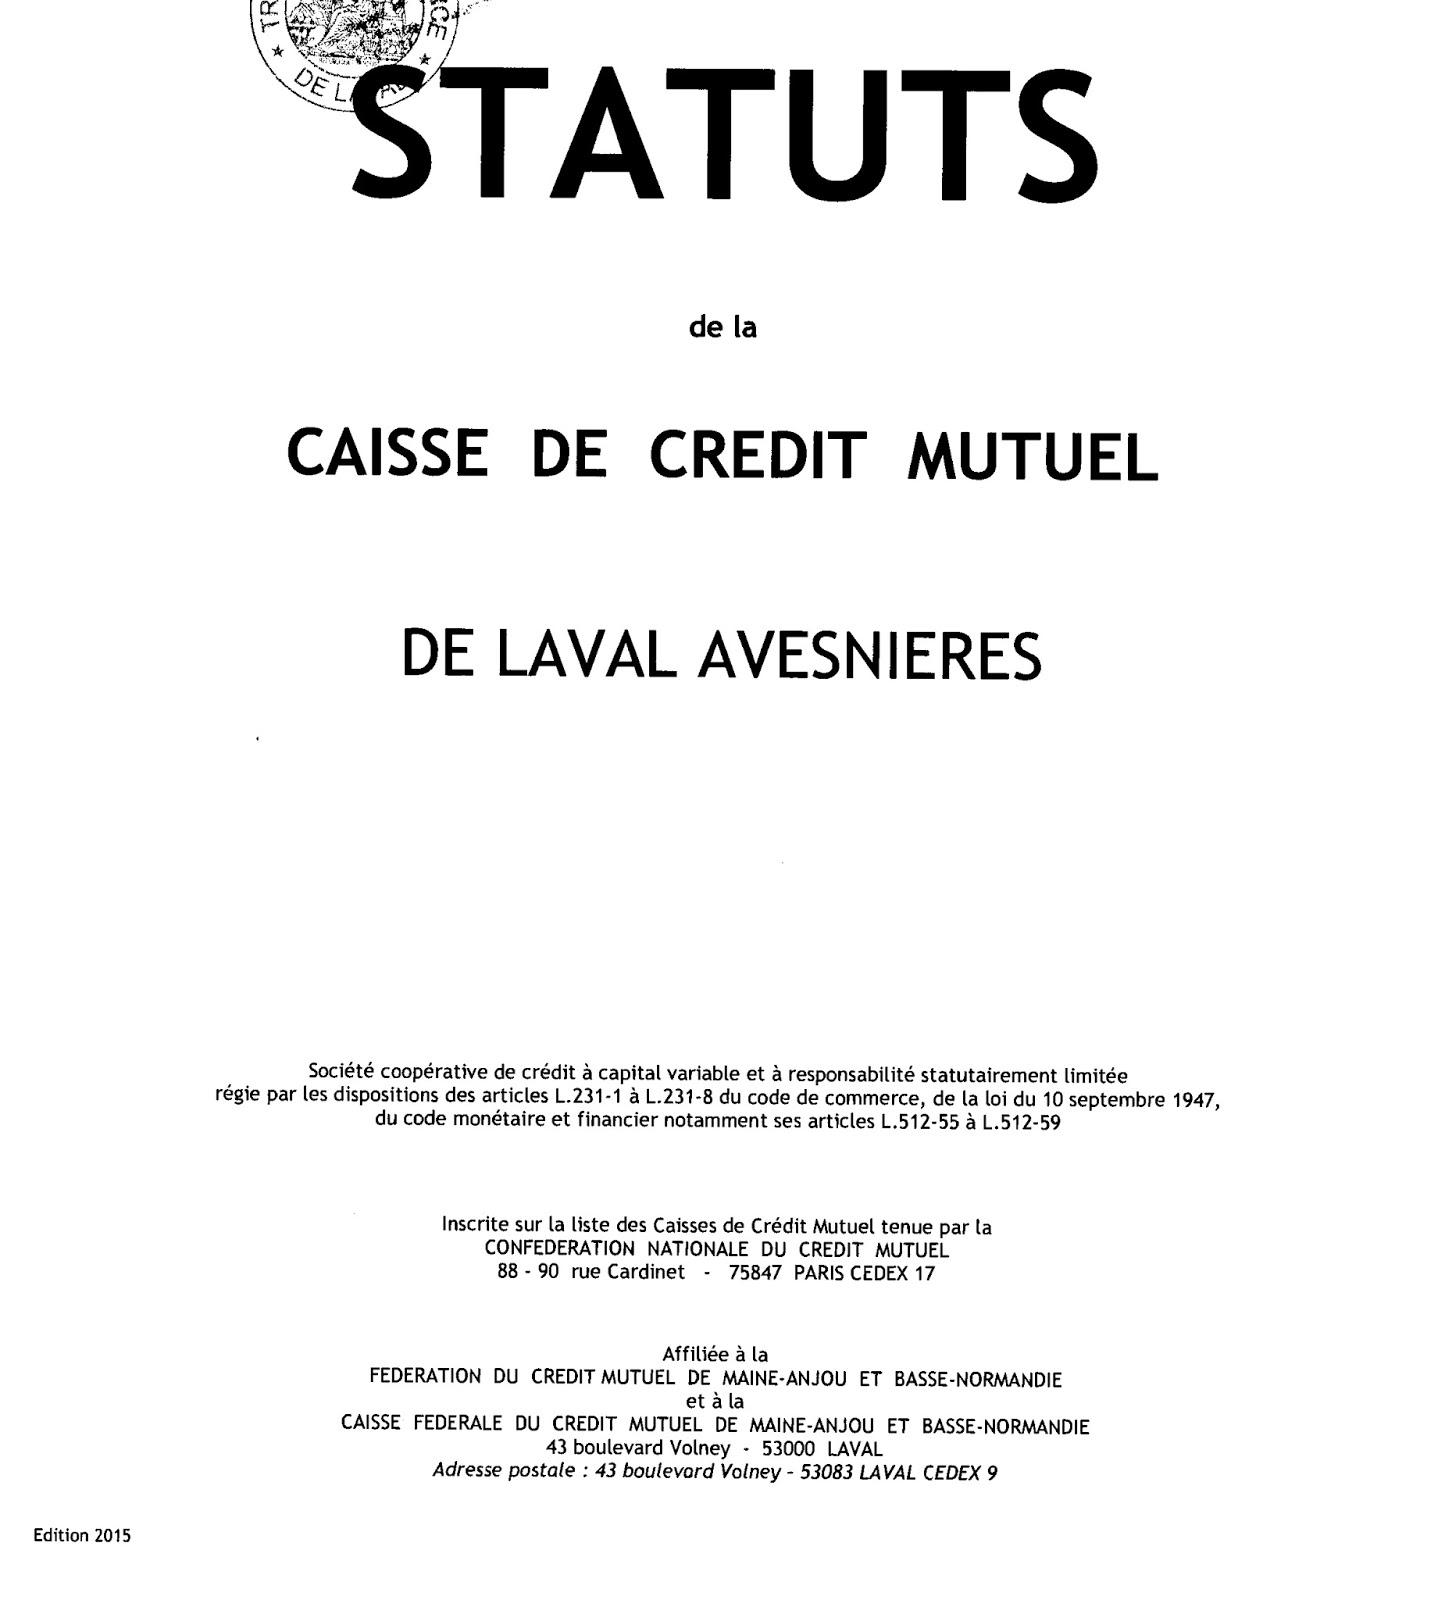 Aplomb Frais Bancaires Abusifs 06 08 85 35 47 Credit Mutuel Il Y A